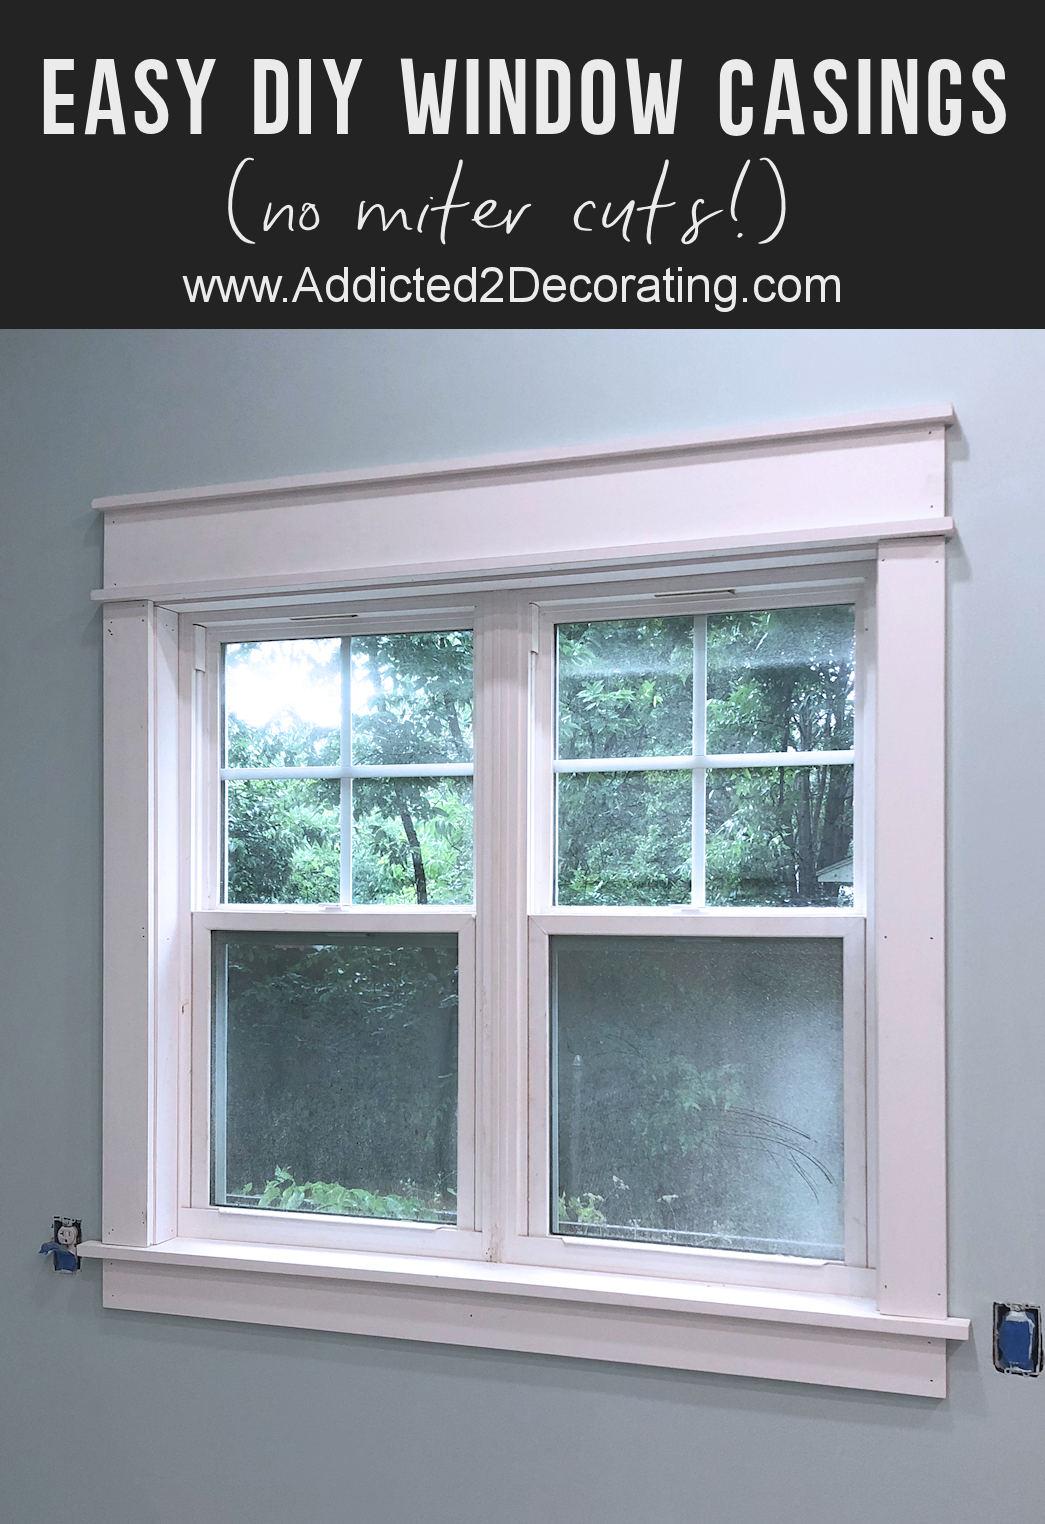 Habillages de fenêtres beaux mais faciles à construire (pas de coupe à onglet!)